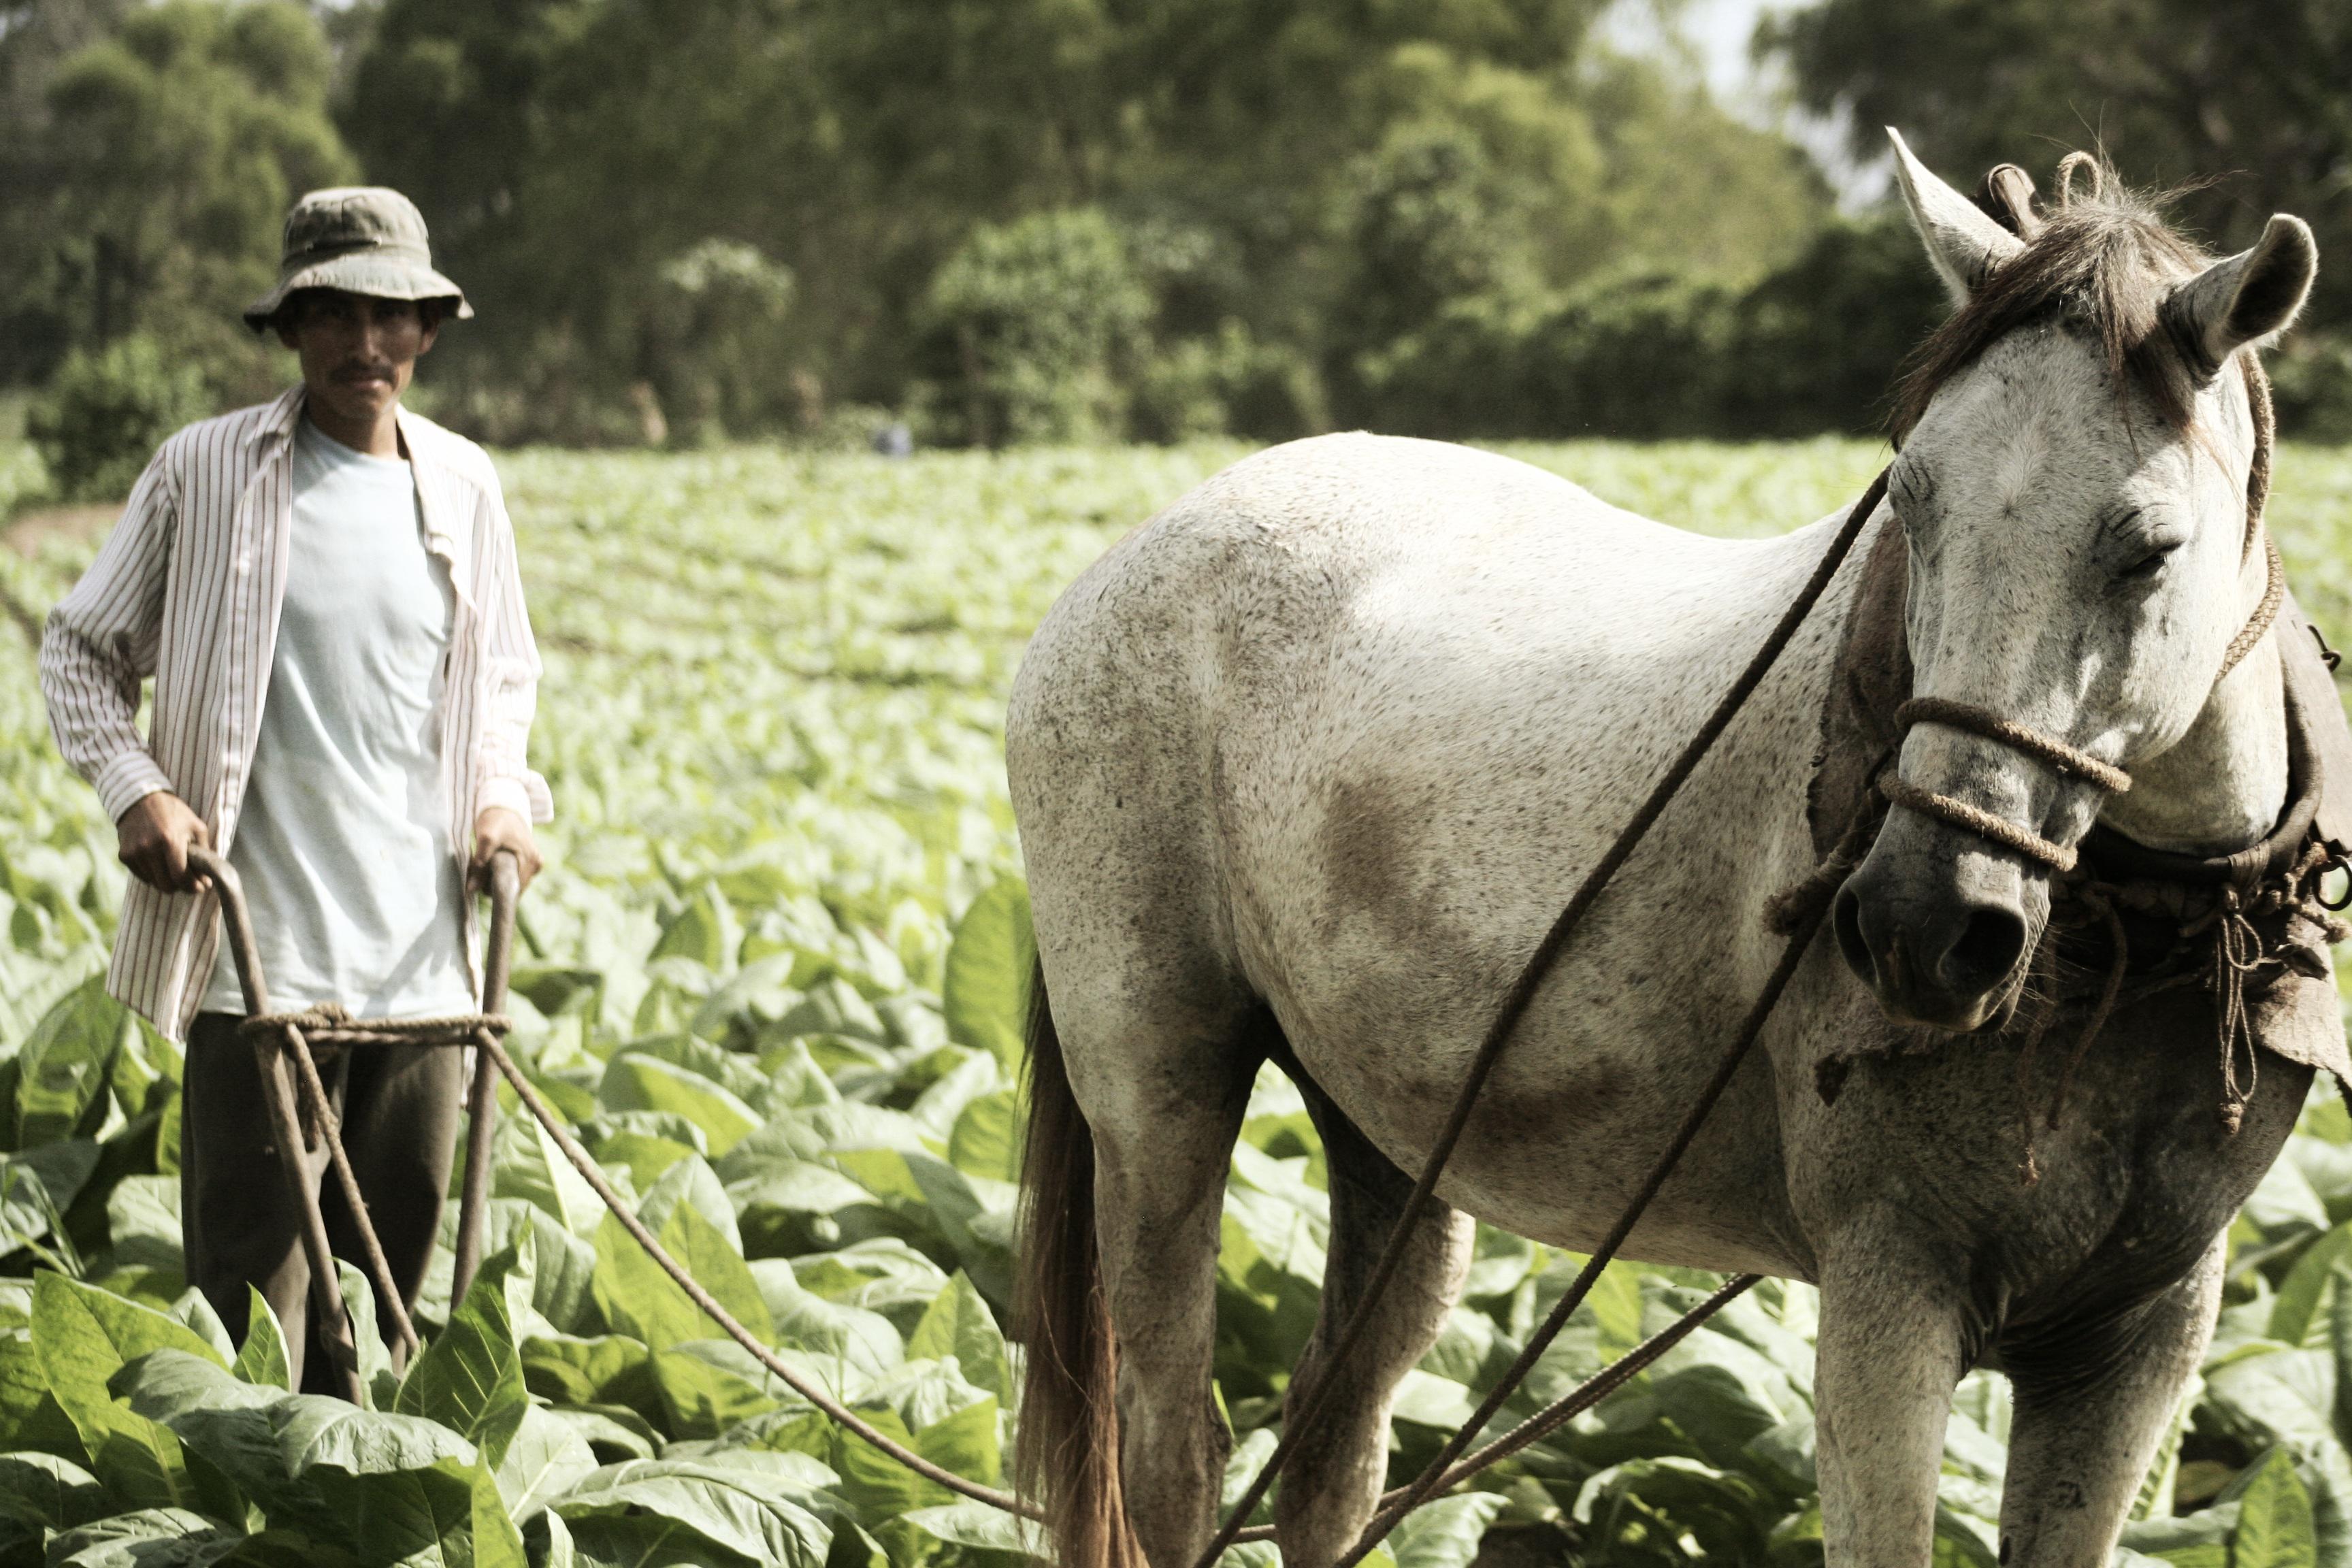 Plantacja tytoniu cygarowego w Nikaragui. Do zwijania cygar premium używany jest wyłącznie tytoń z ekologicznych upraw.